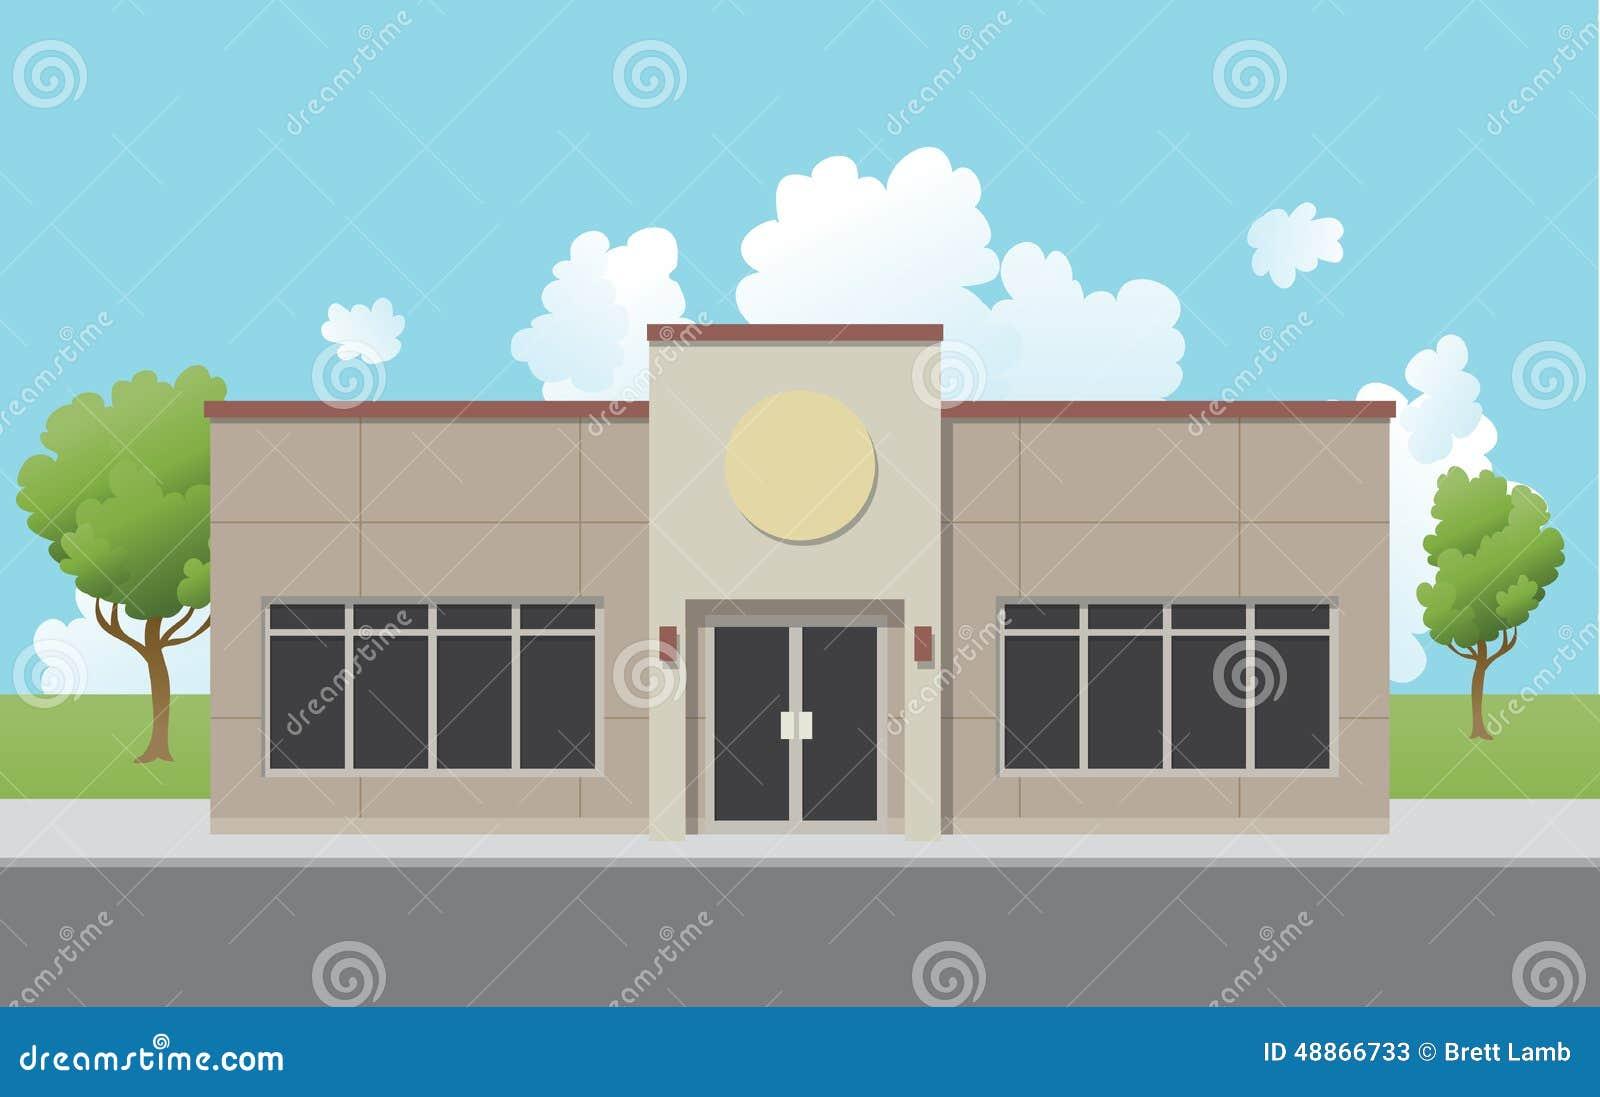 郊区办公楼